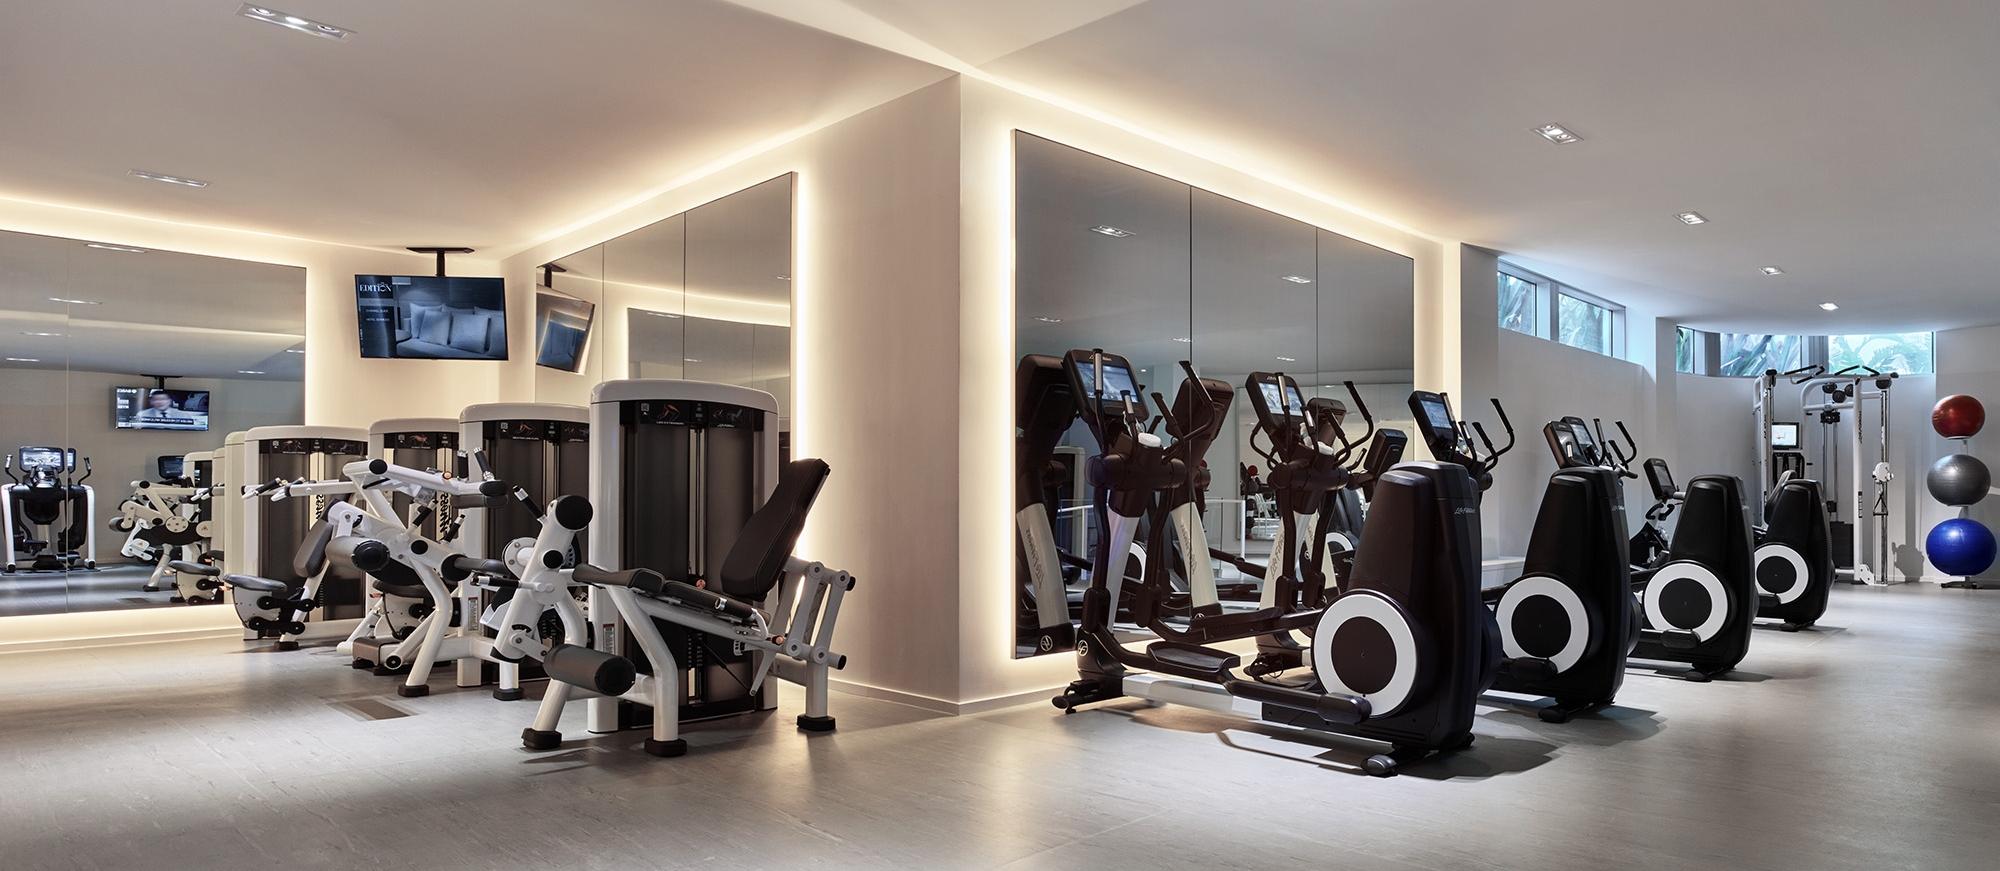 MIAEB-Gym.jpg